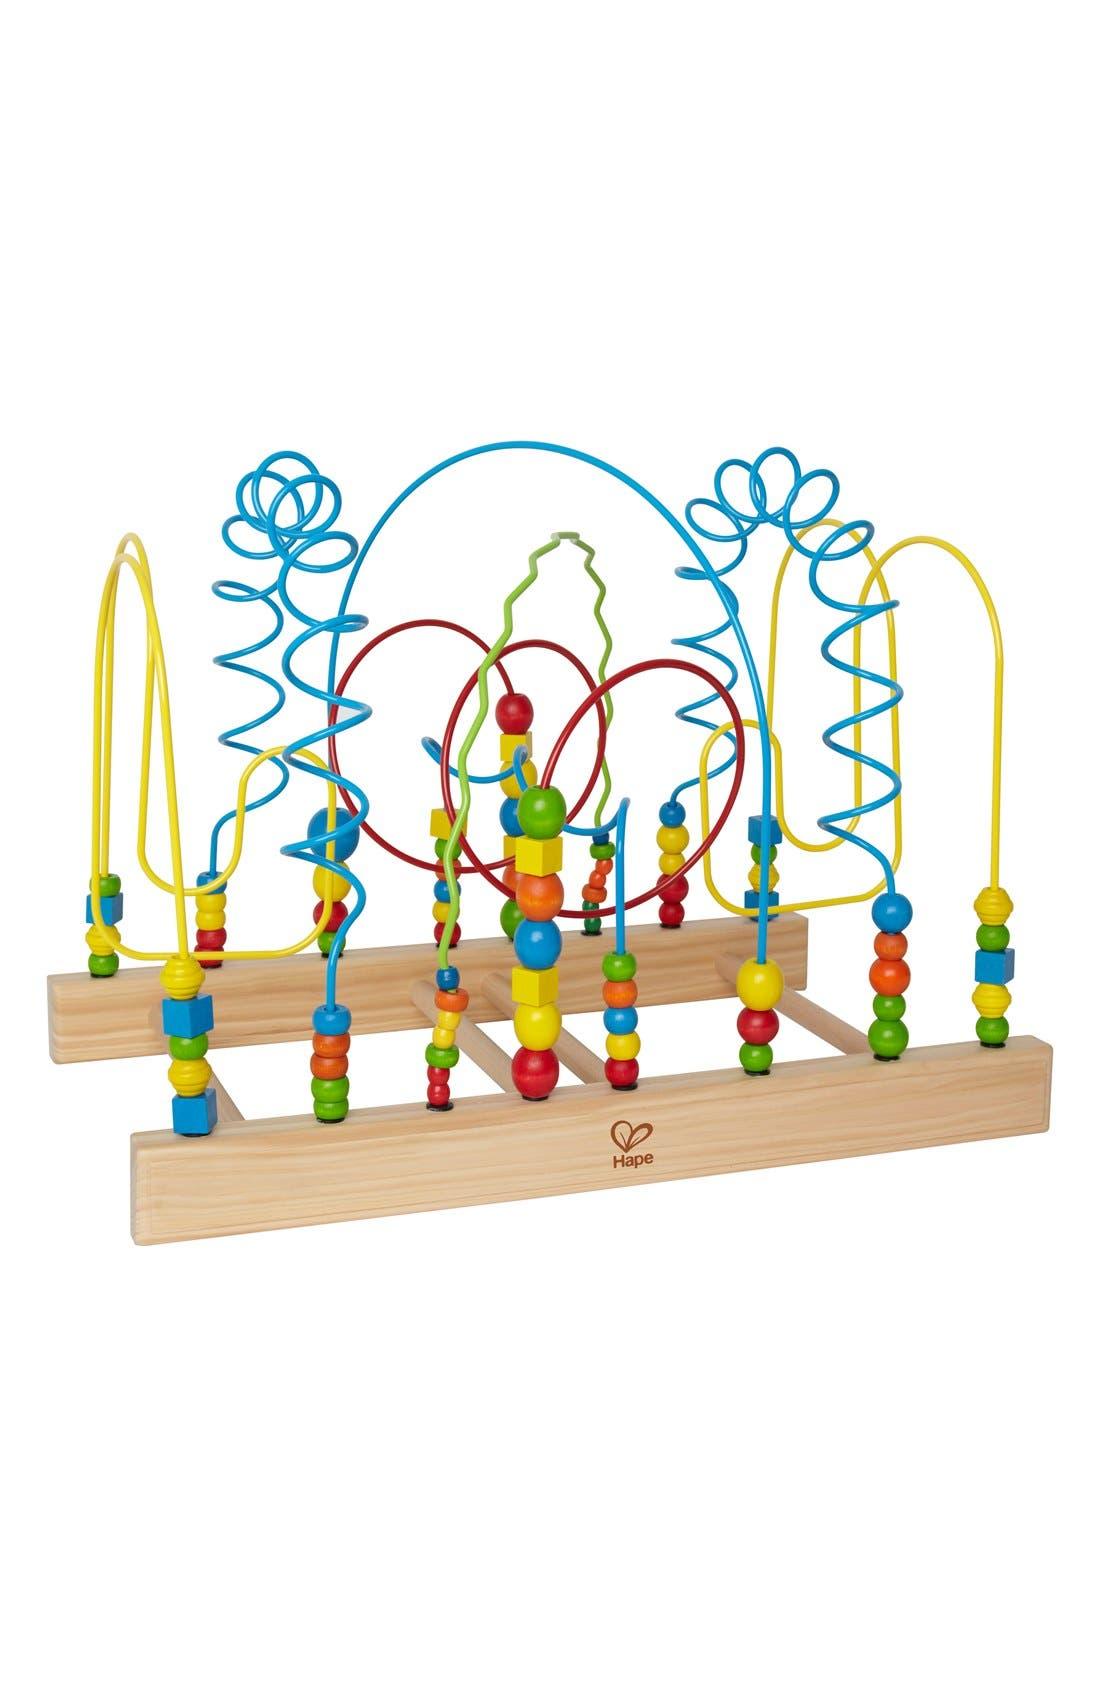 Hape 'Tunnel Mountain' Toy